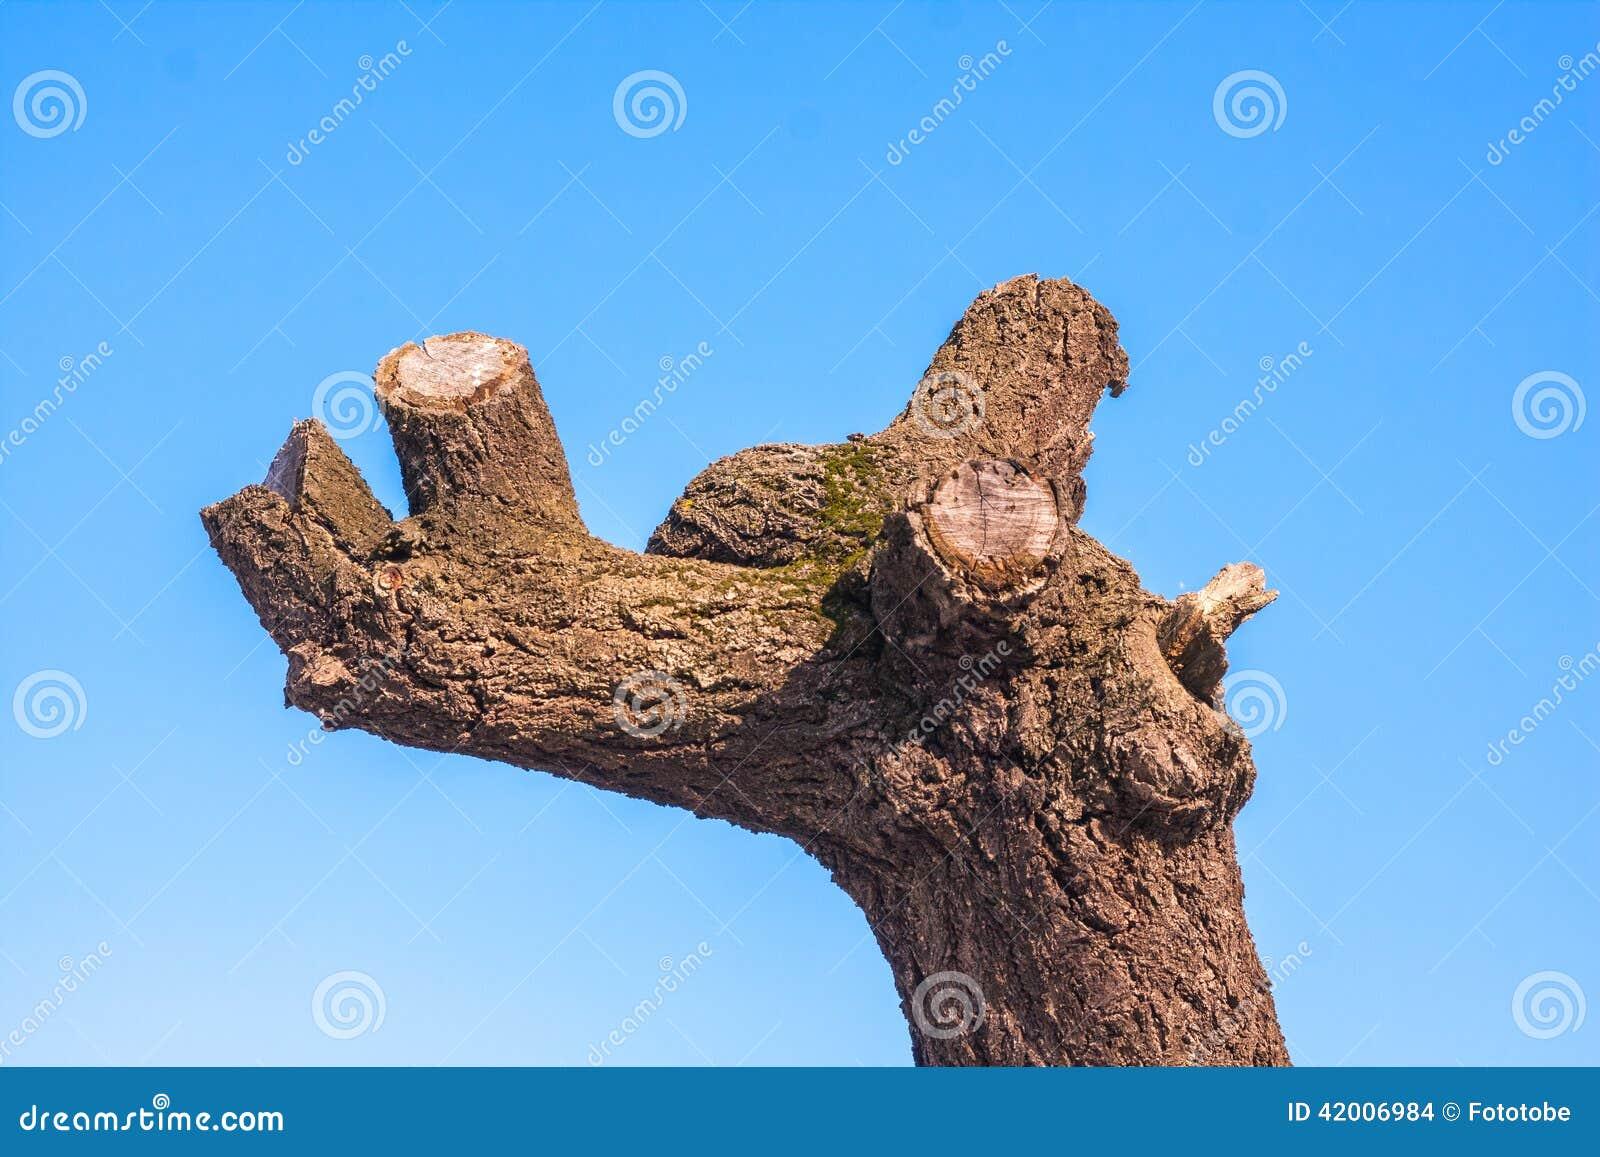 Vieil arbre avec les branches équilibrées sur le ciel bleu